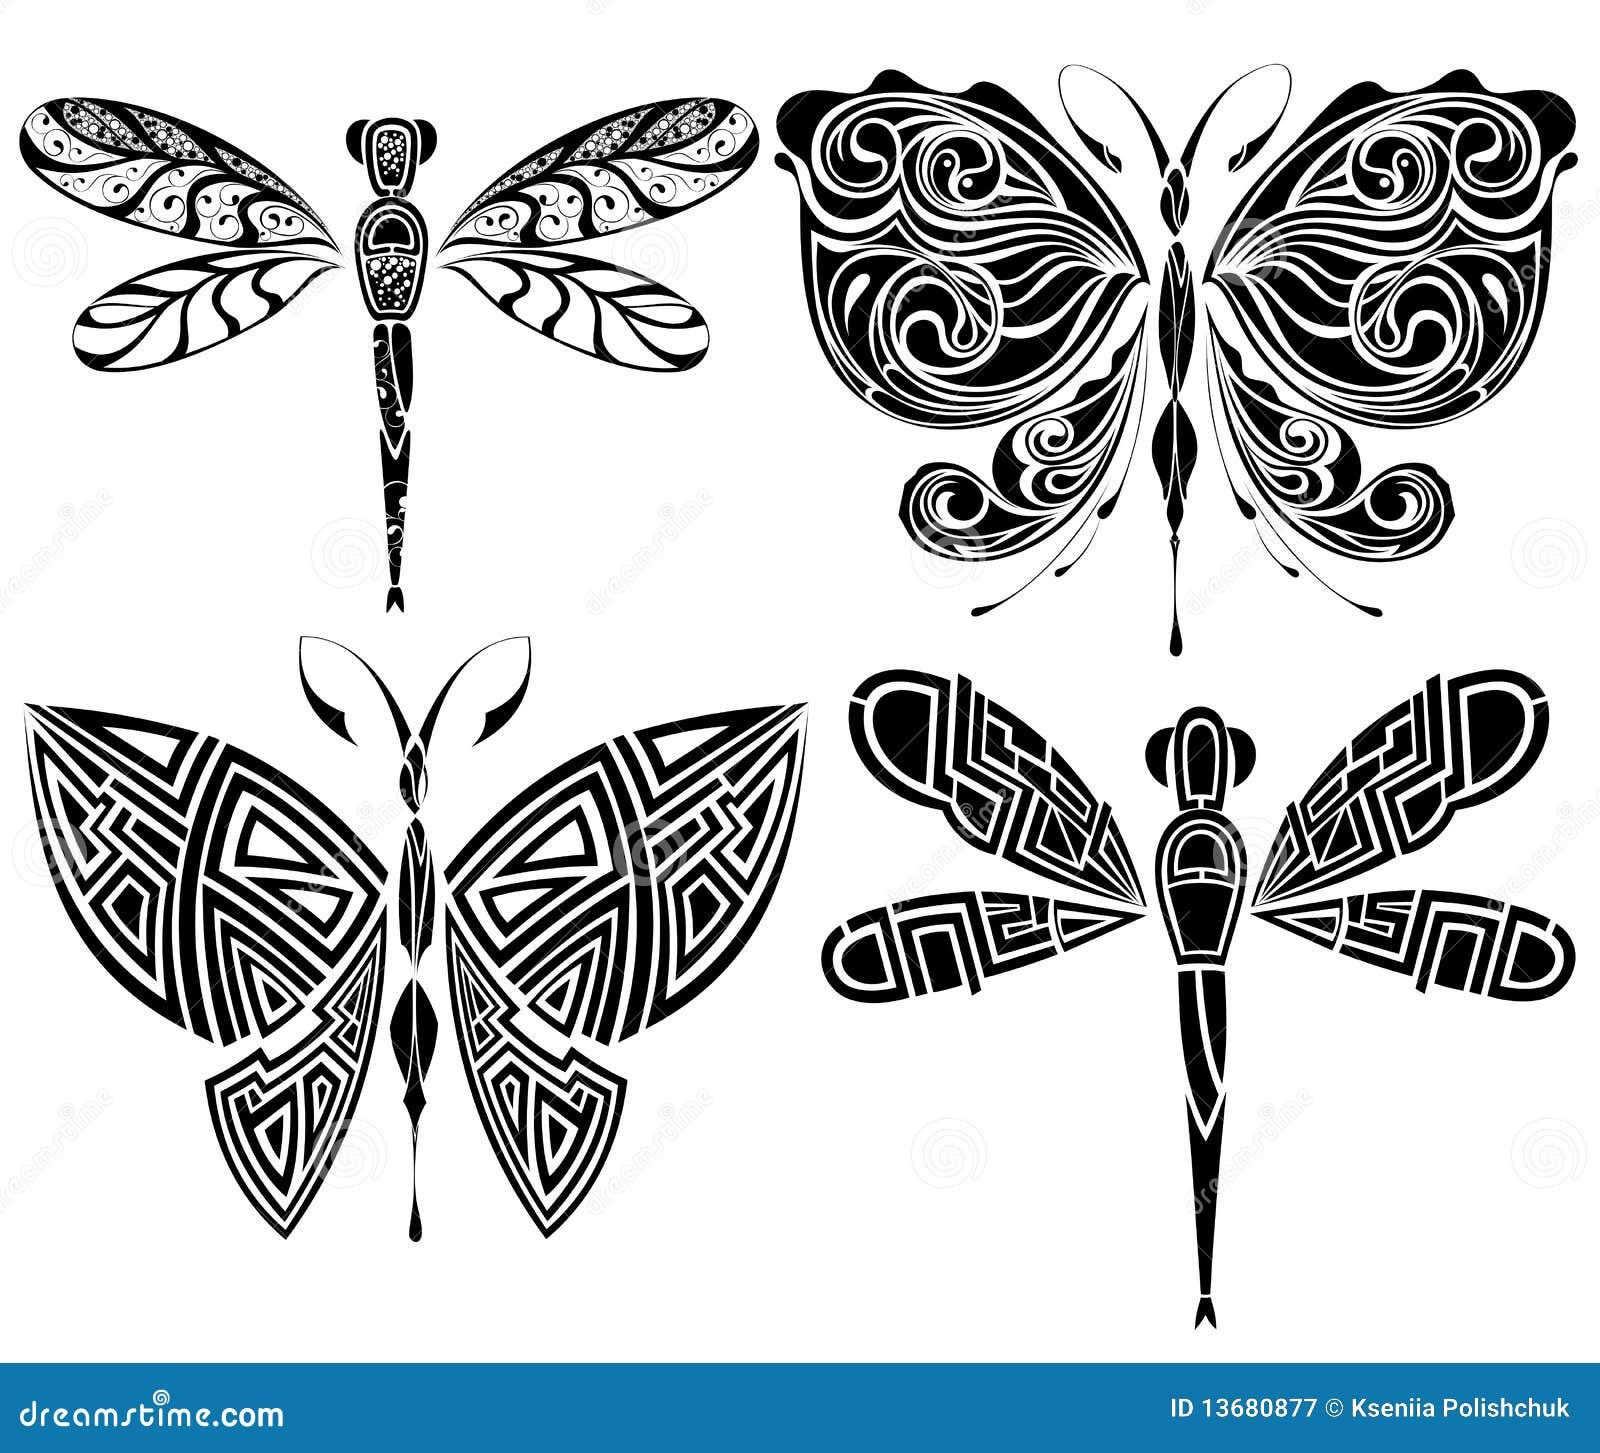 Diseño Del Tatuaje Mariposa Libélula Ilustraciones Stock, Vectores ...